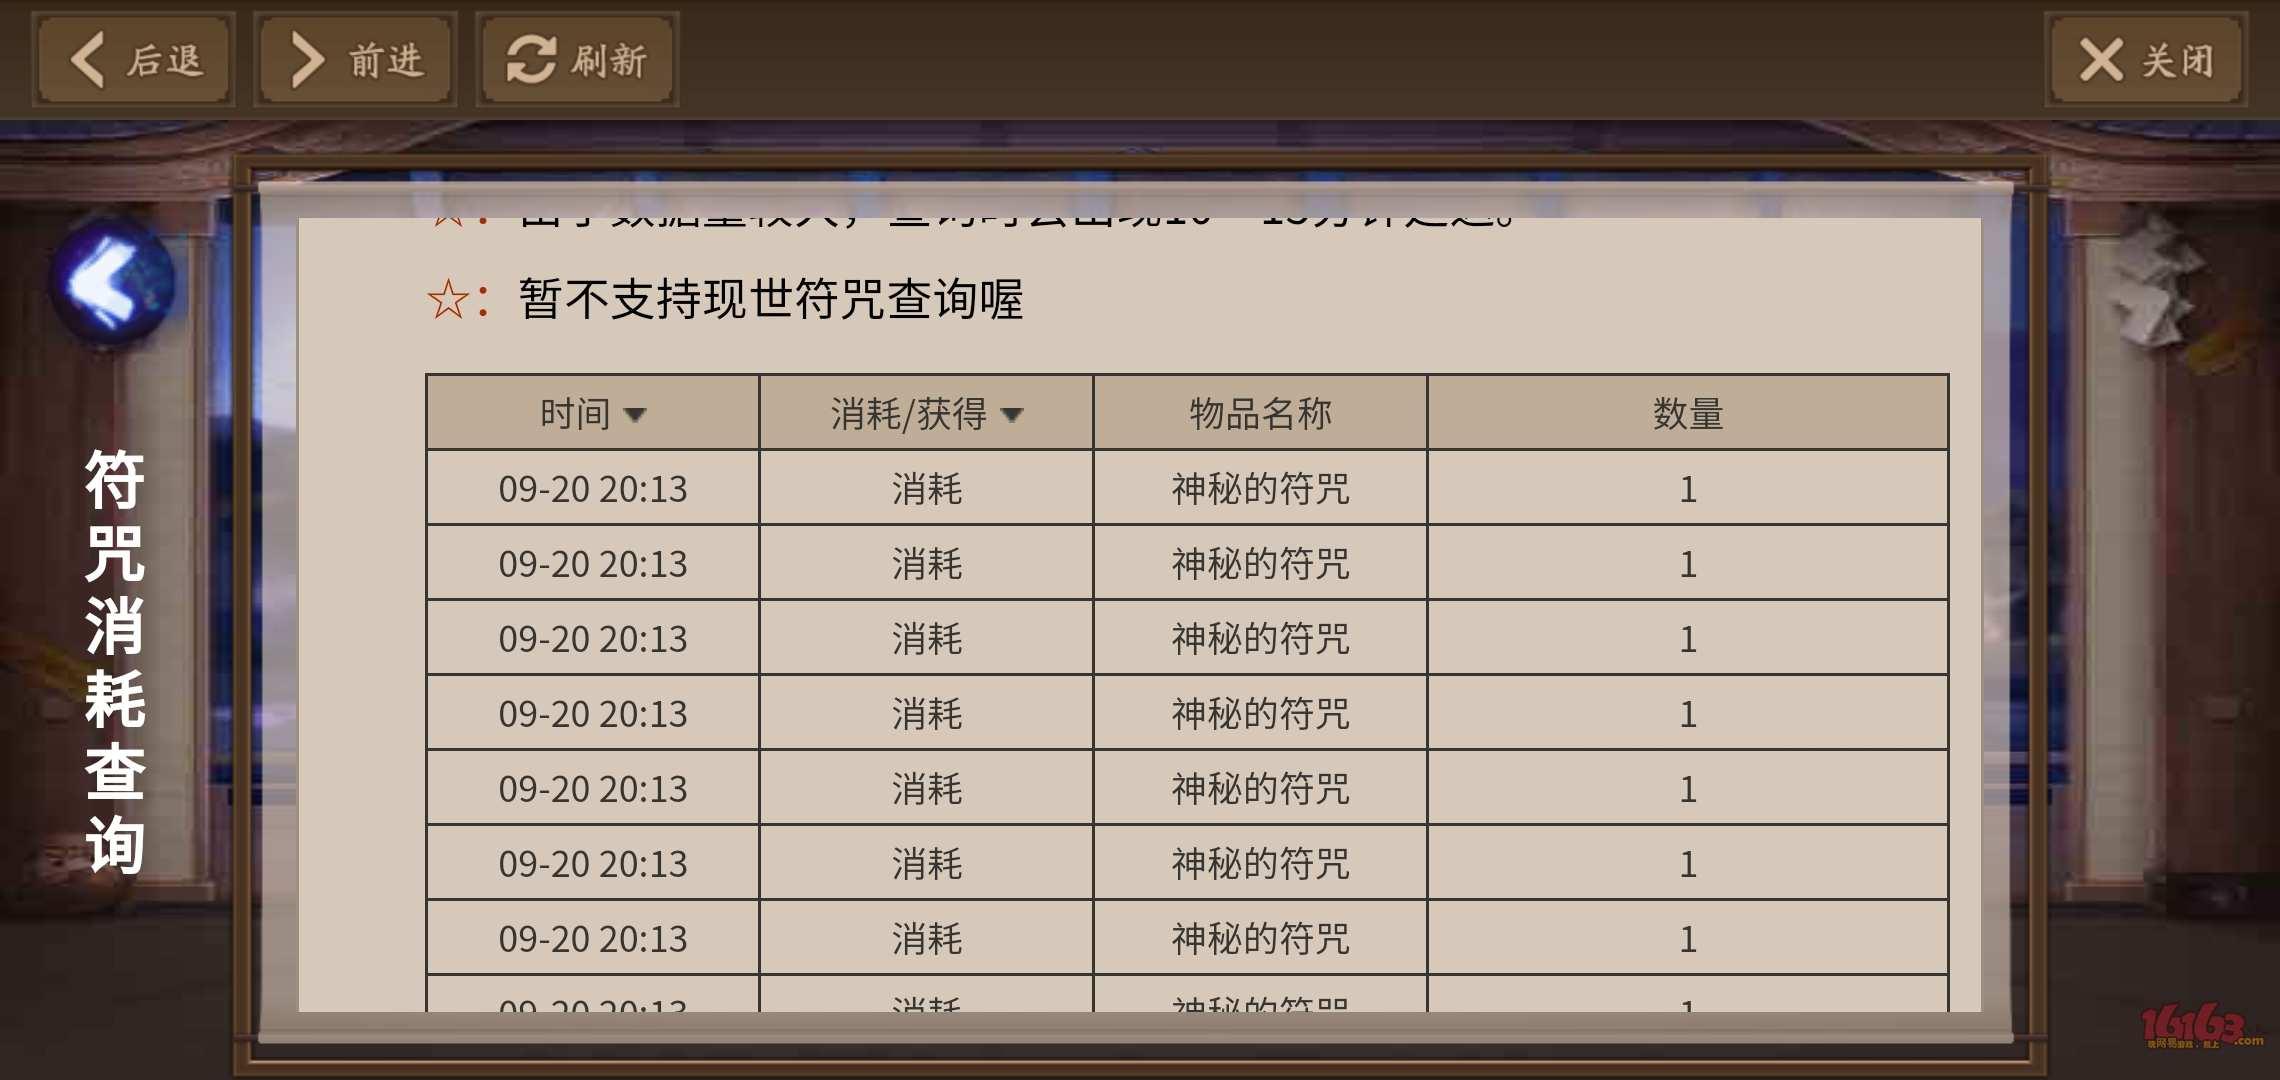 Screenshot_20190920_222000_com.netease.onmyoji.vi.jpg